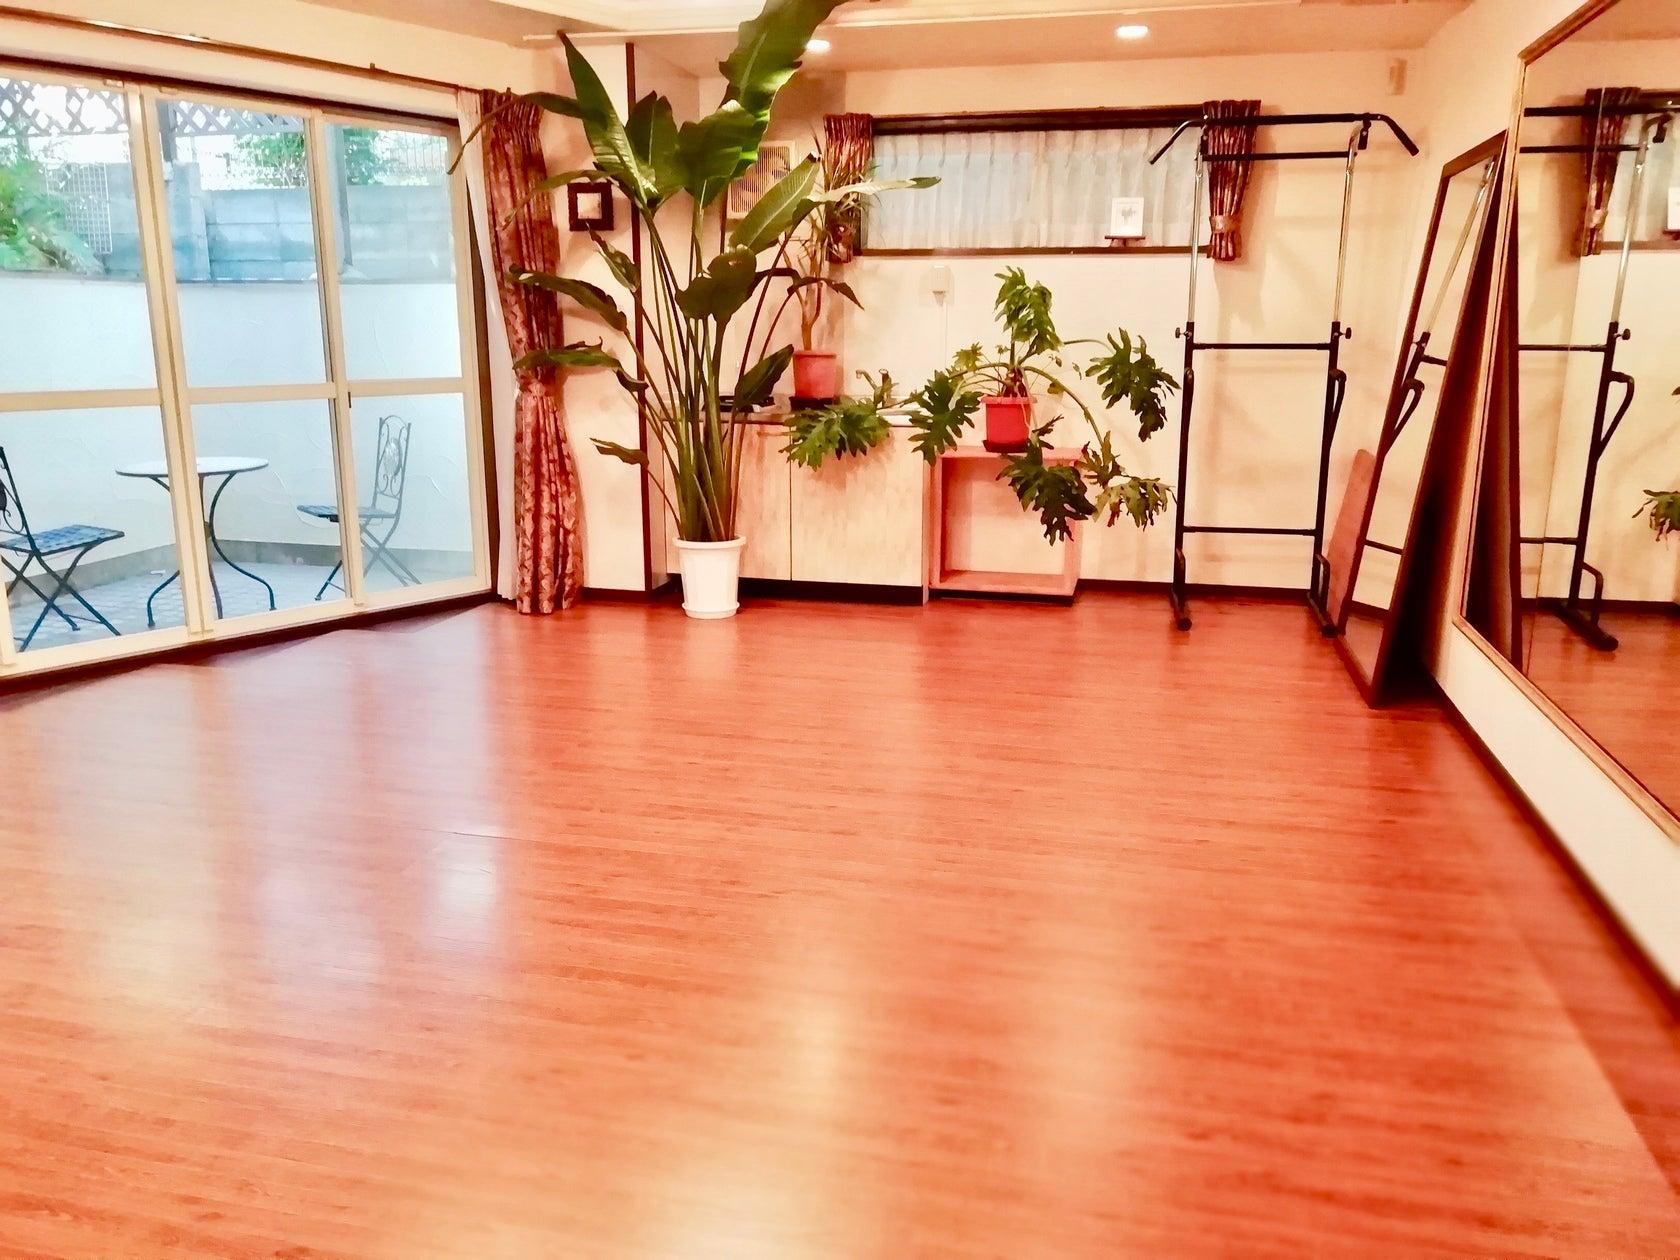 ダンス・ヨガ・ワークショップに!下北沢の隠れ家スタジオ Studio BAILA 下北沢    の写真